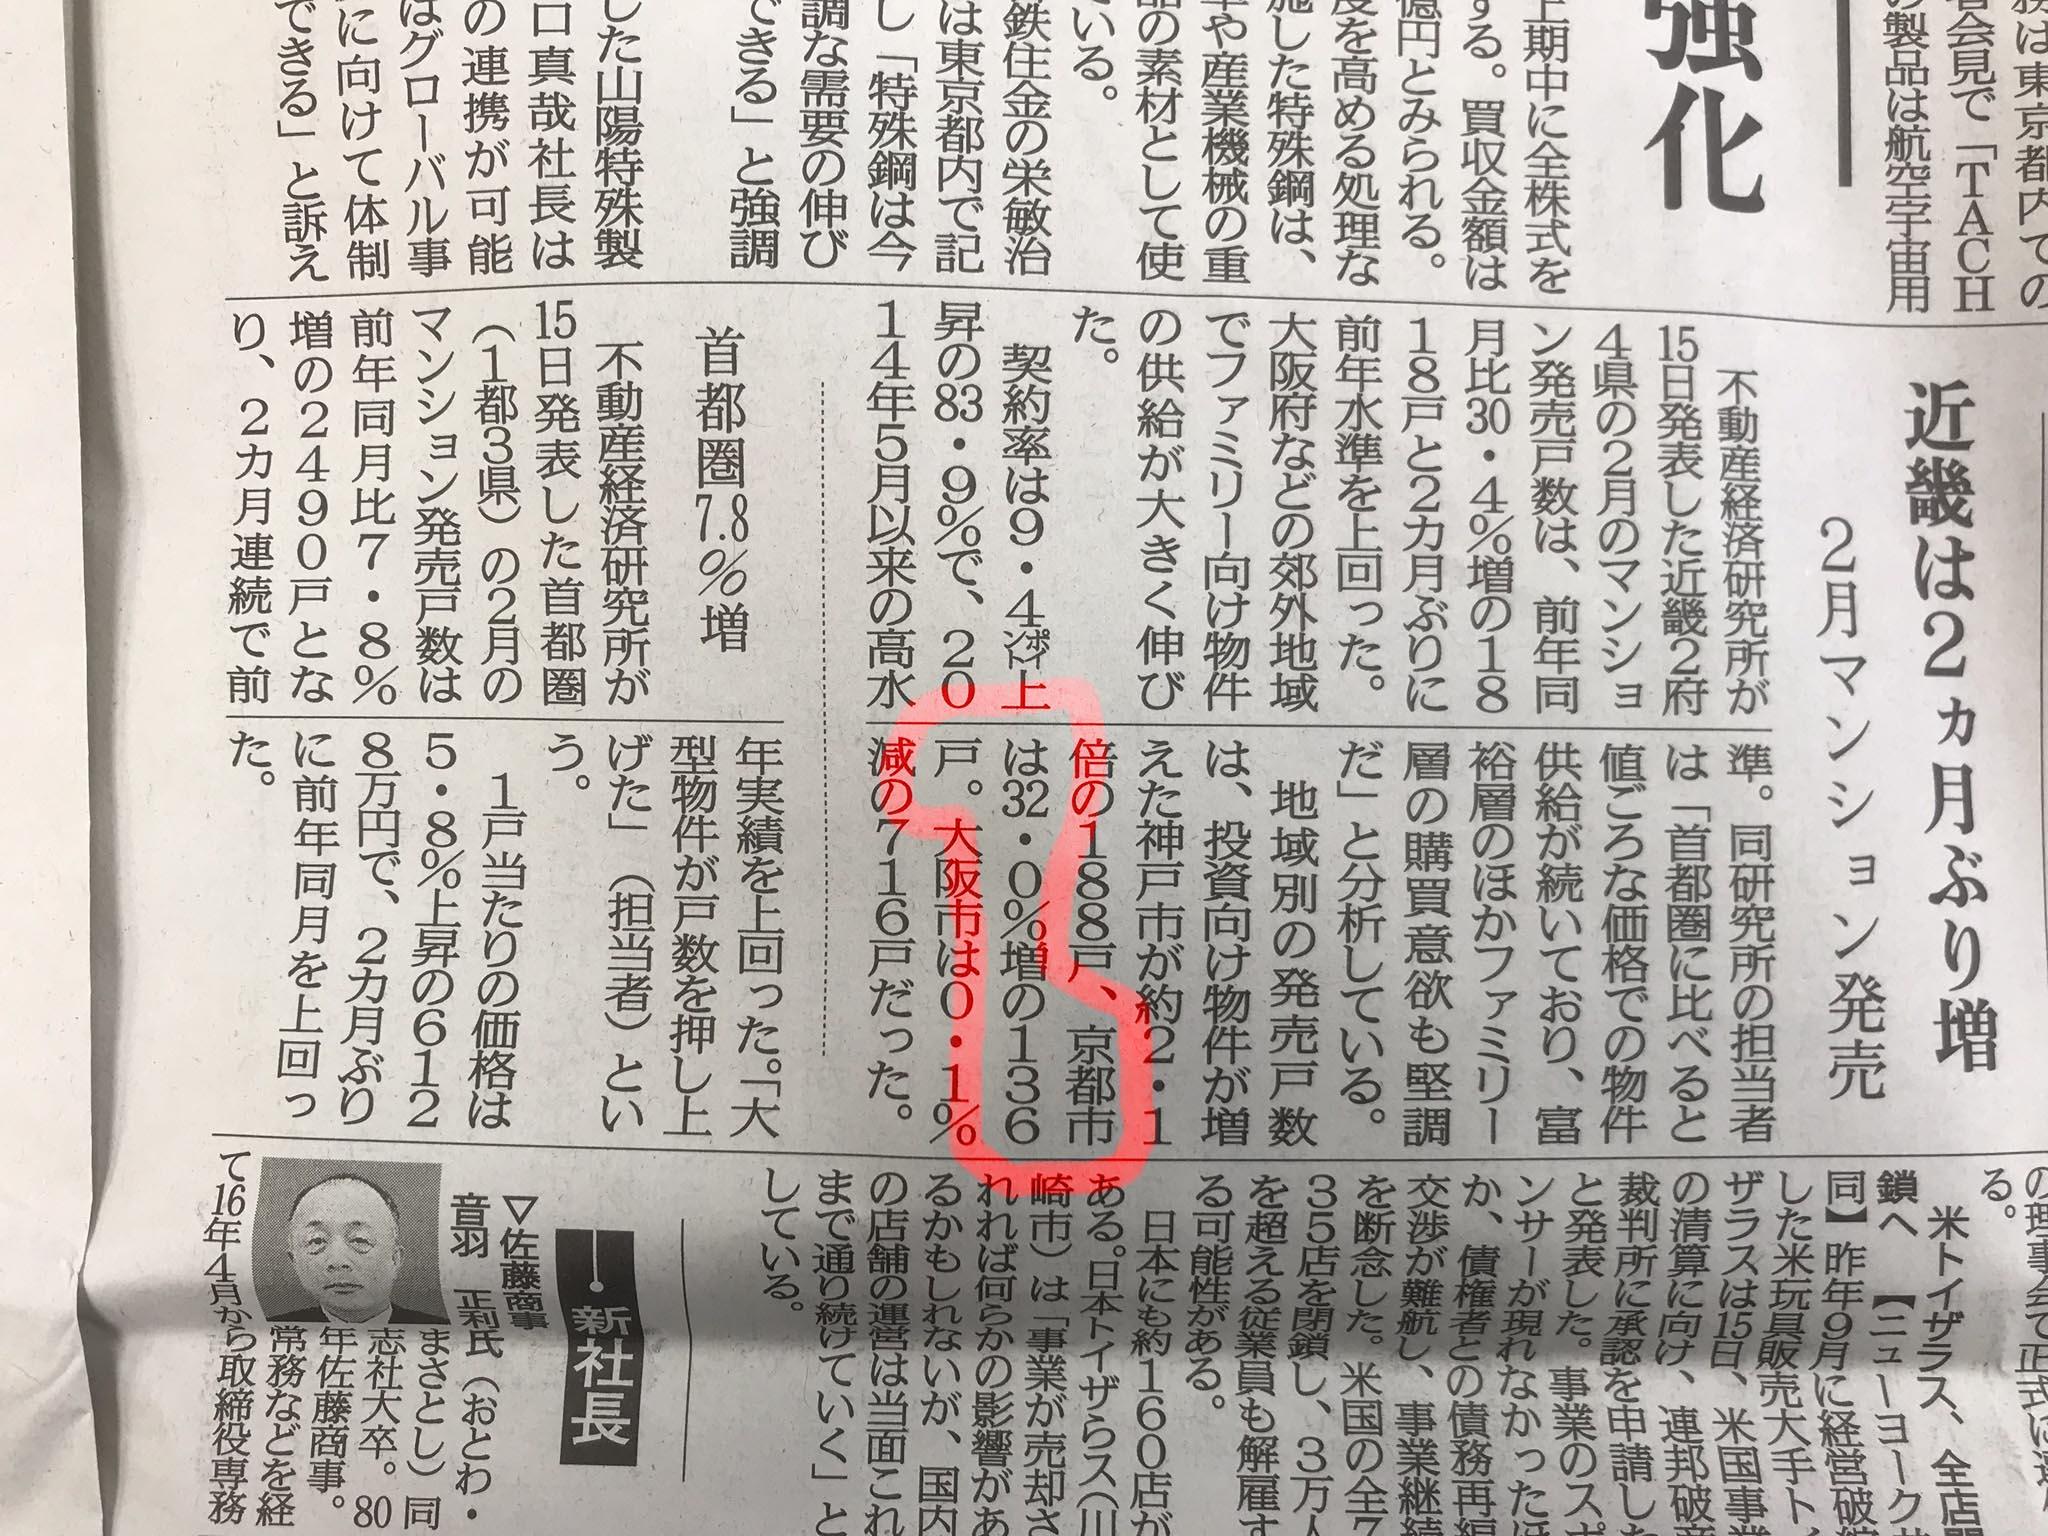 2月の京都のマンション発売戸数・前年対比同月32%増